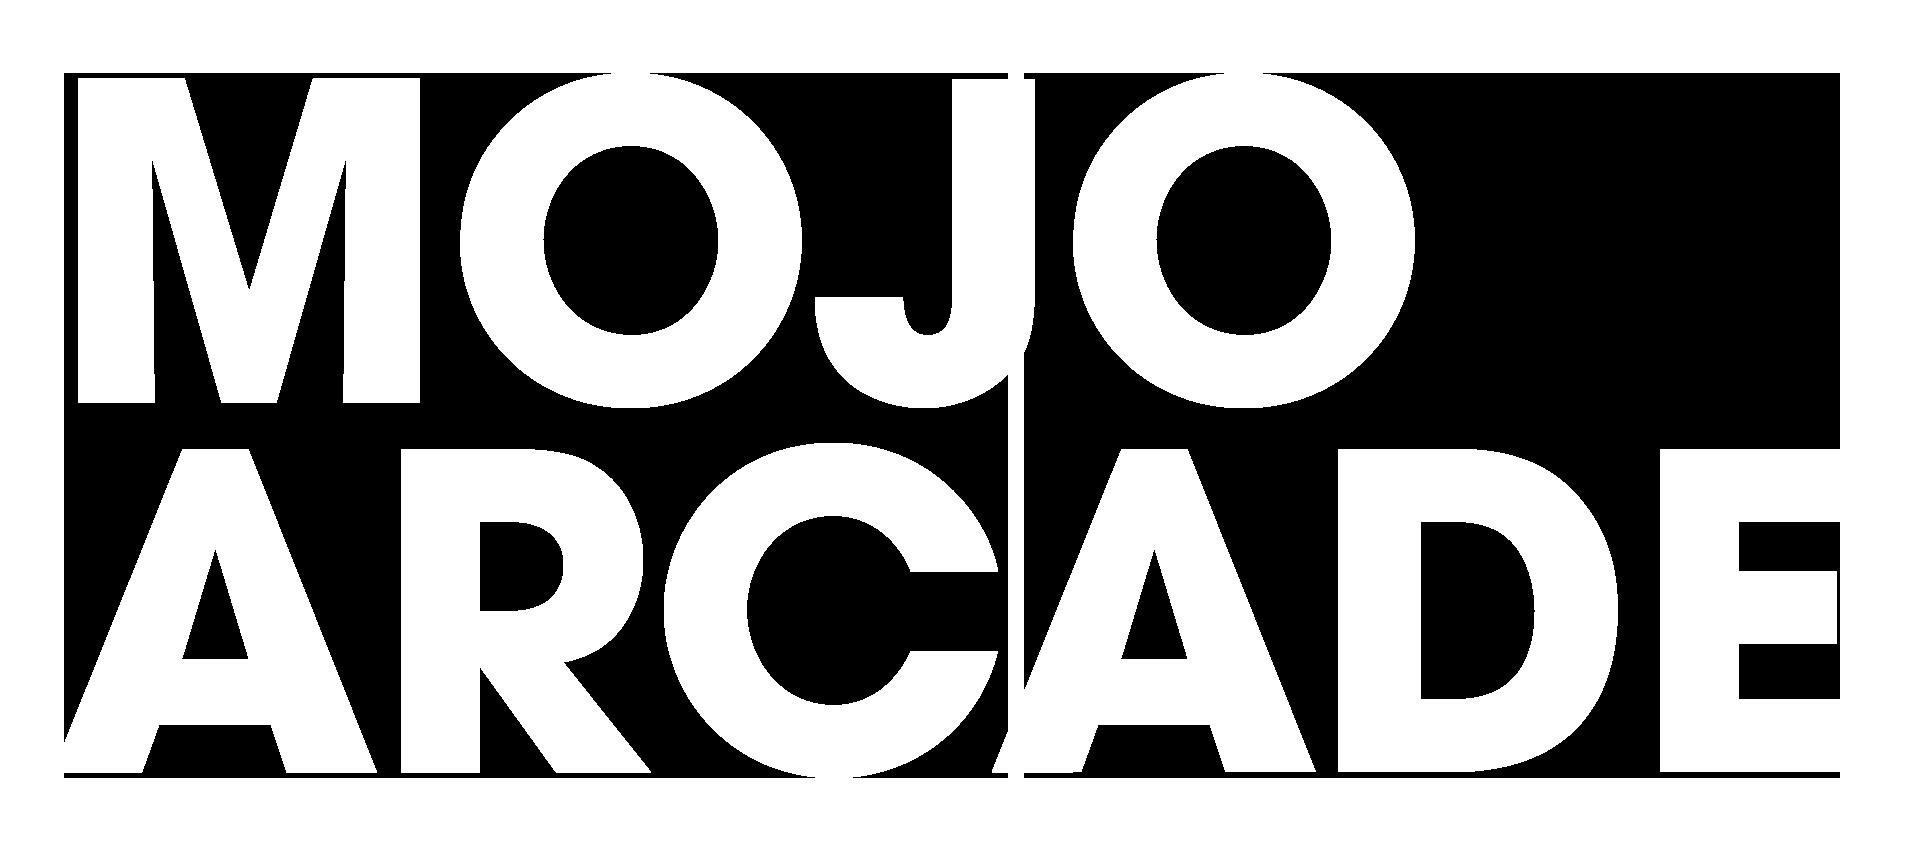 MojoArcade